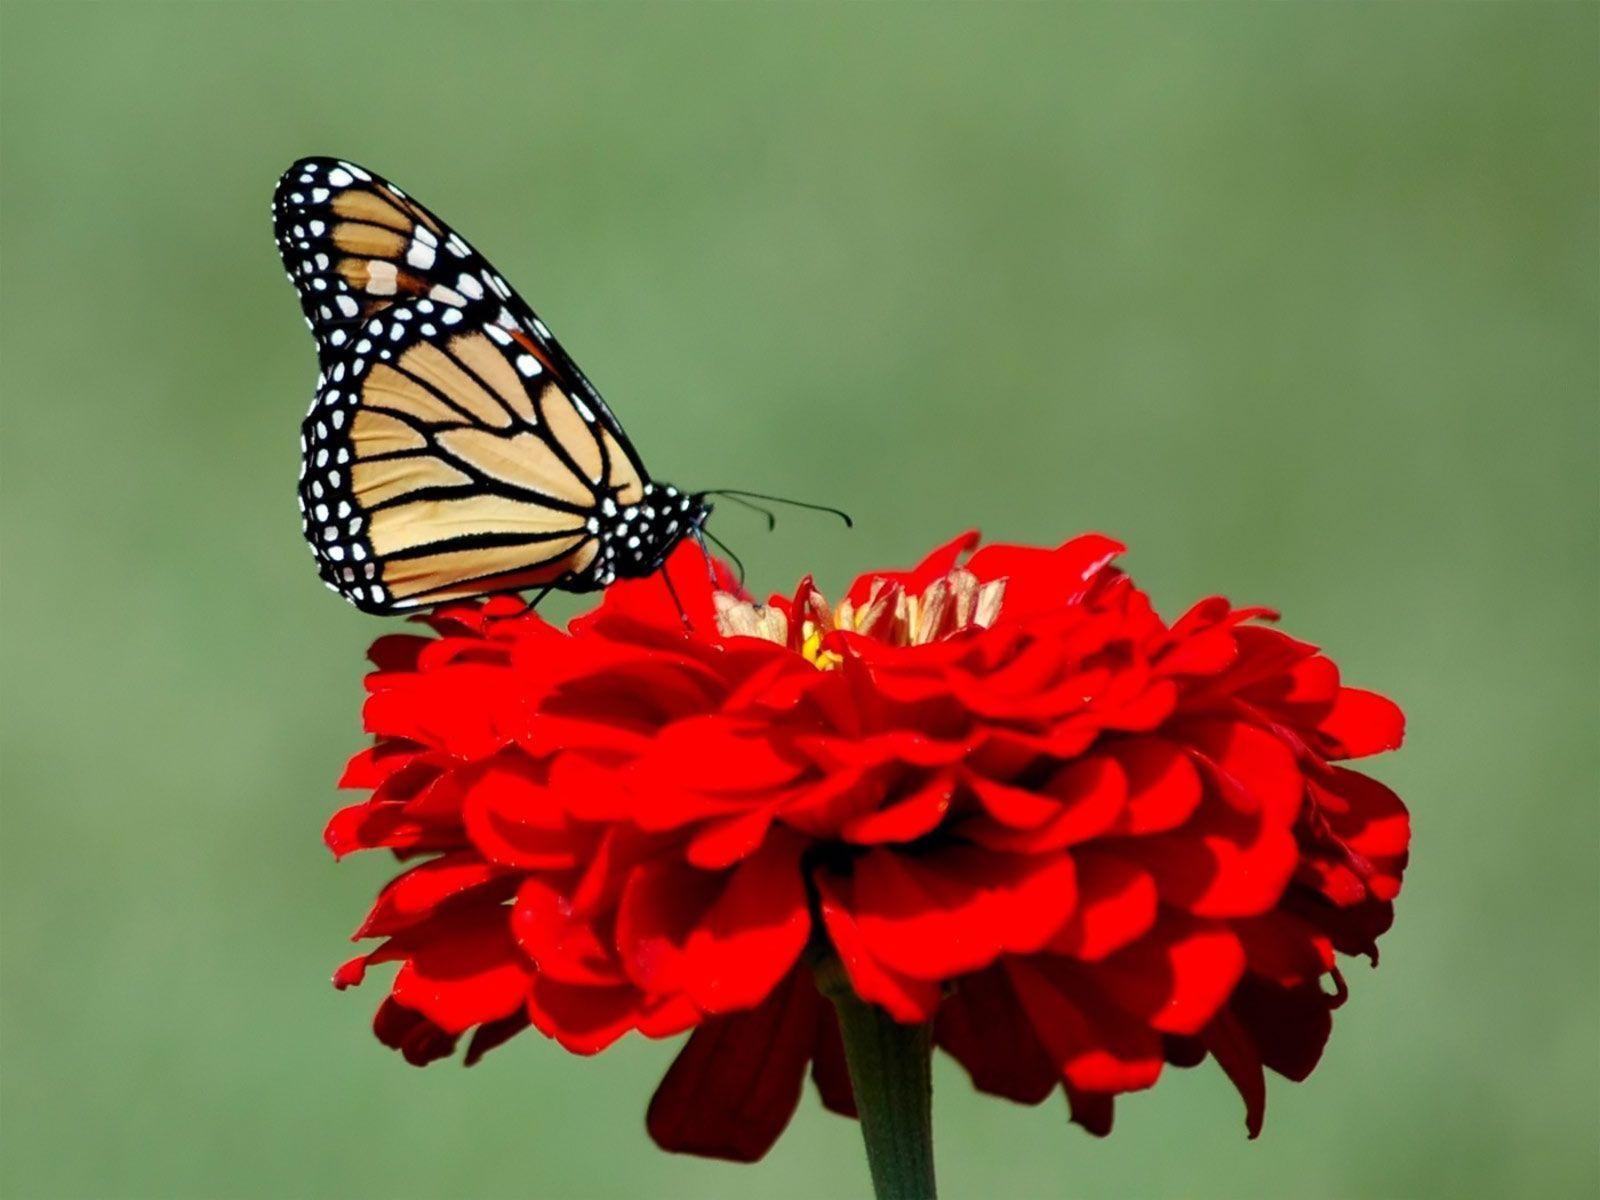 HD Butterfly Desktop Wallpaper - WallpaperSafari